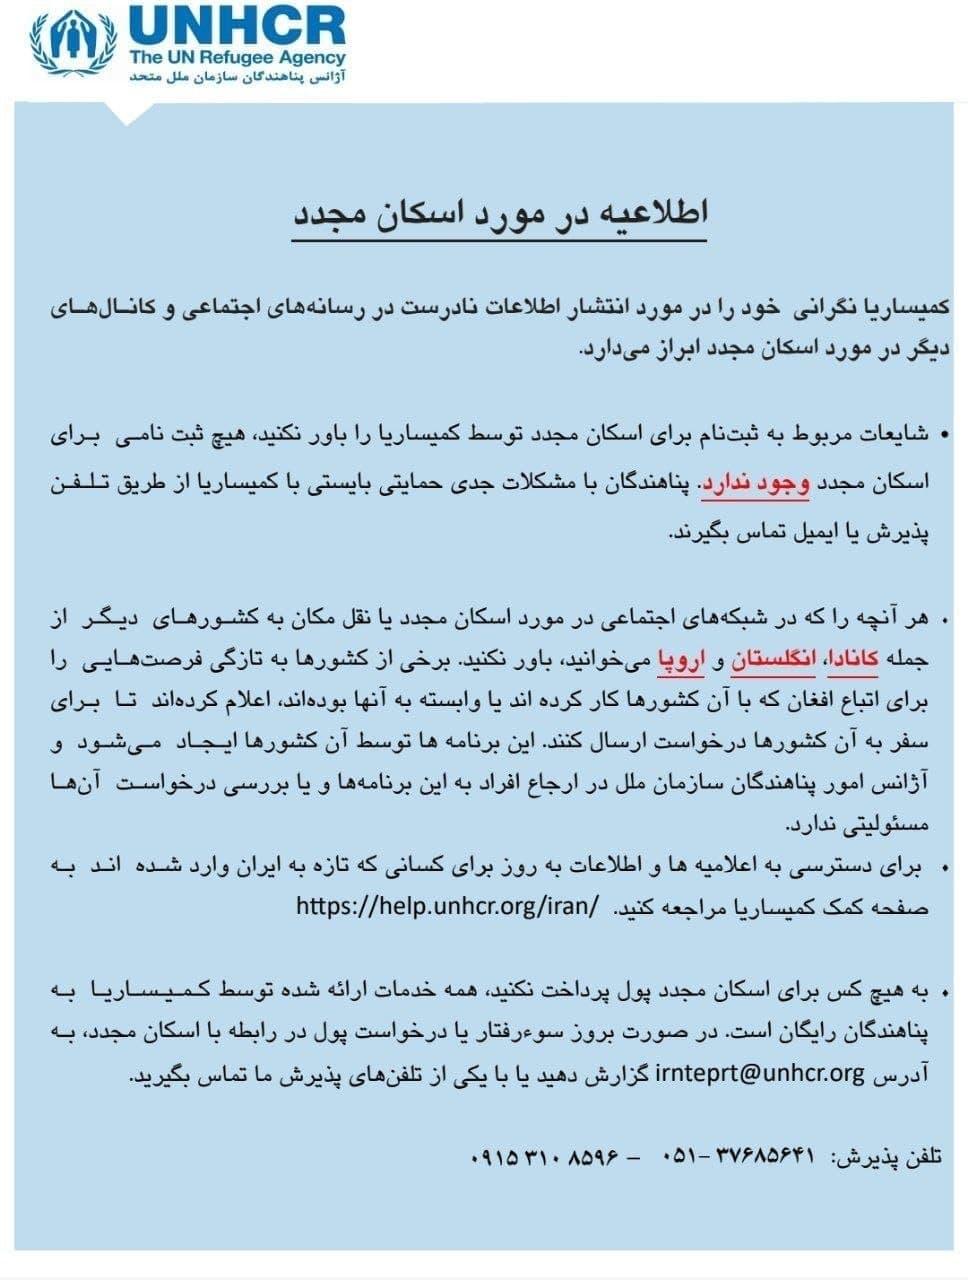 اطلاعیه سازمان ملل در مورد اسکان مجدد مهاجرین در ایران